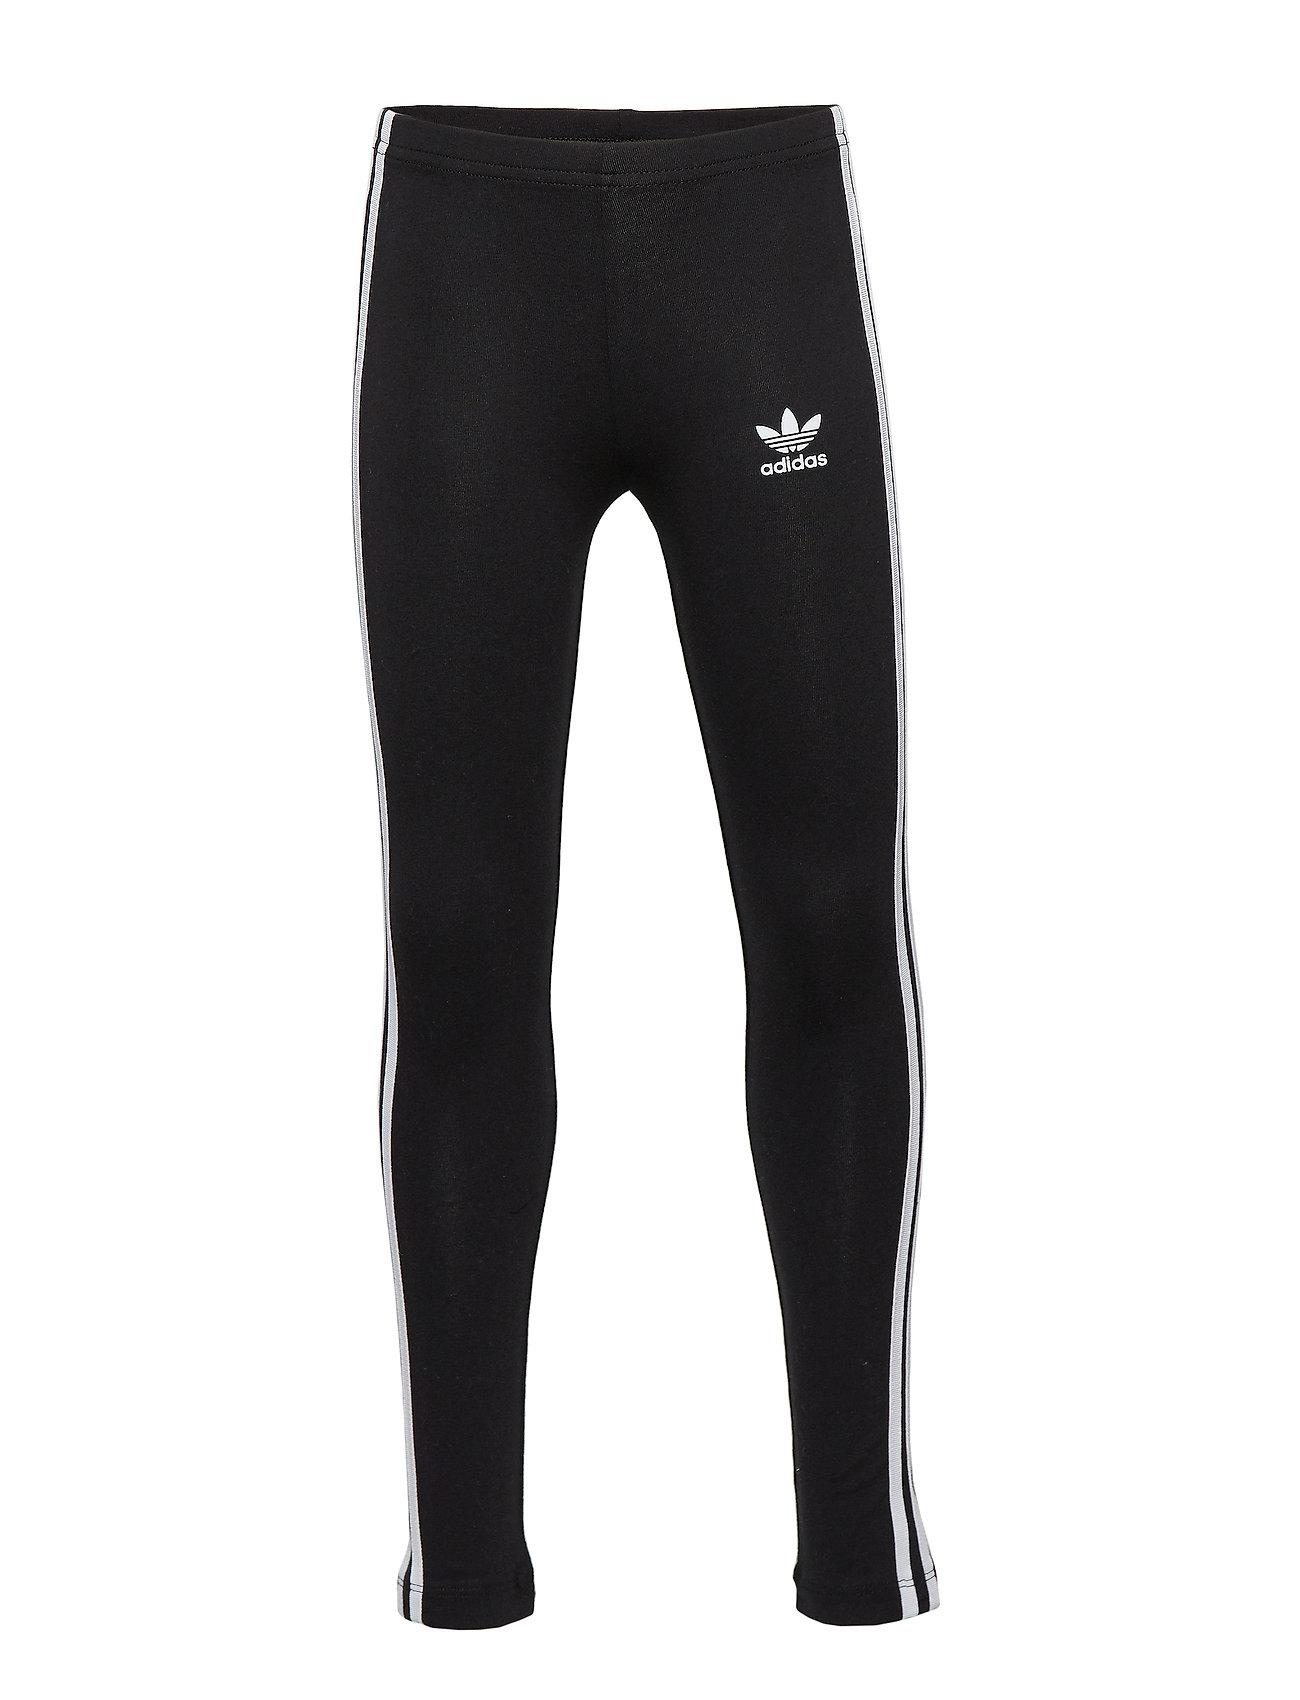 adidas Originals 3STRIPES LEGG - BLACK/WHITE